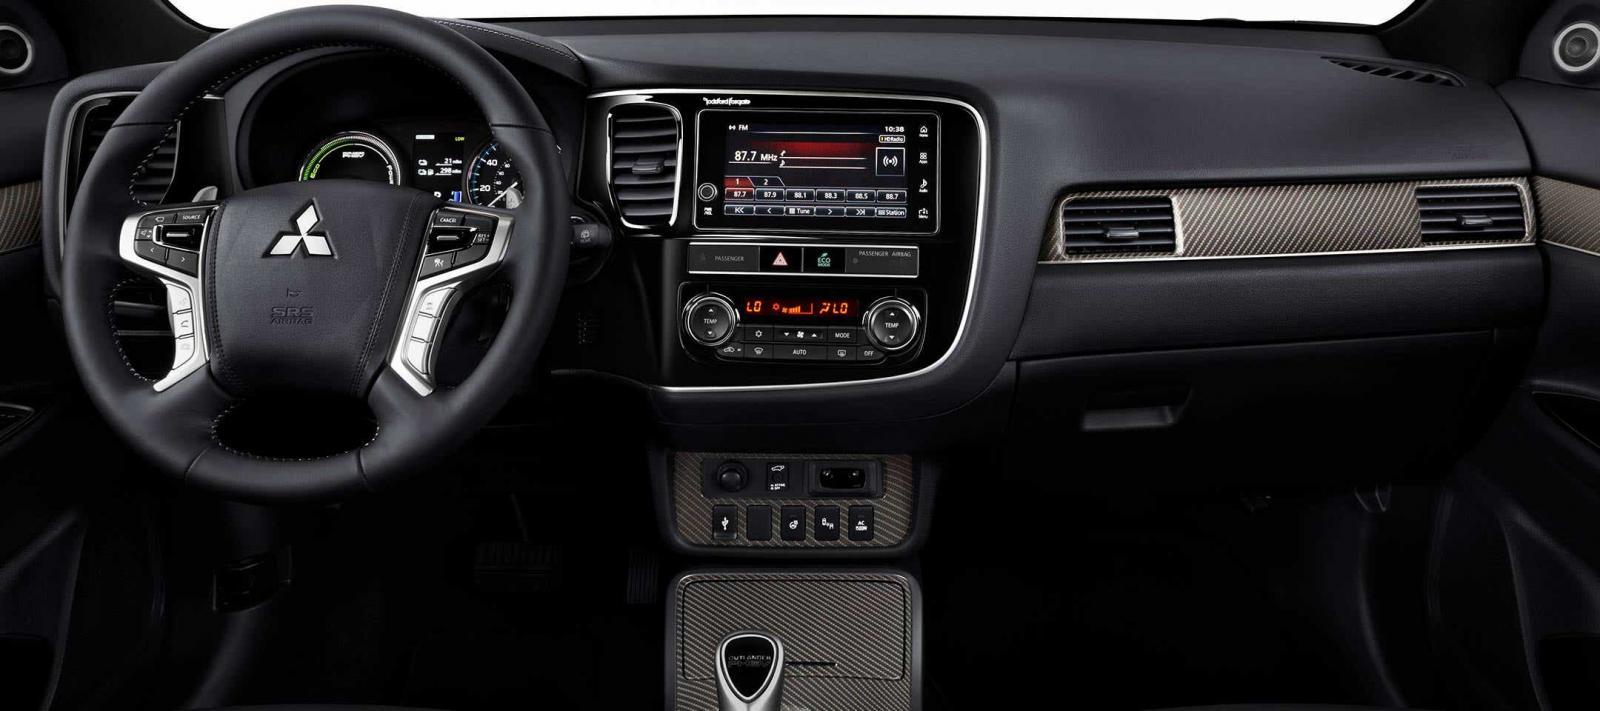 La Mitsubishi Outlander PHEV Limited 2019 no tiene una distribución lógica de los controles y mandos